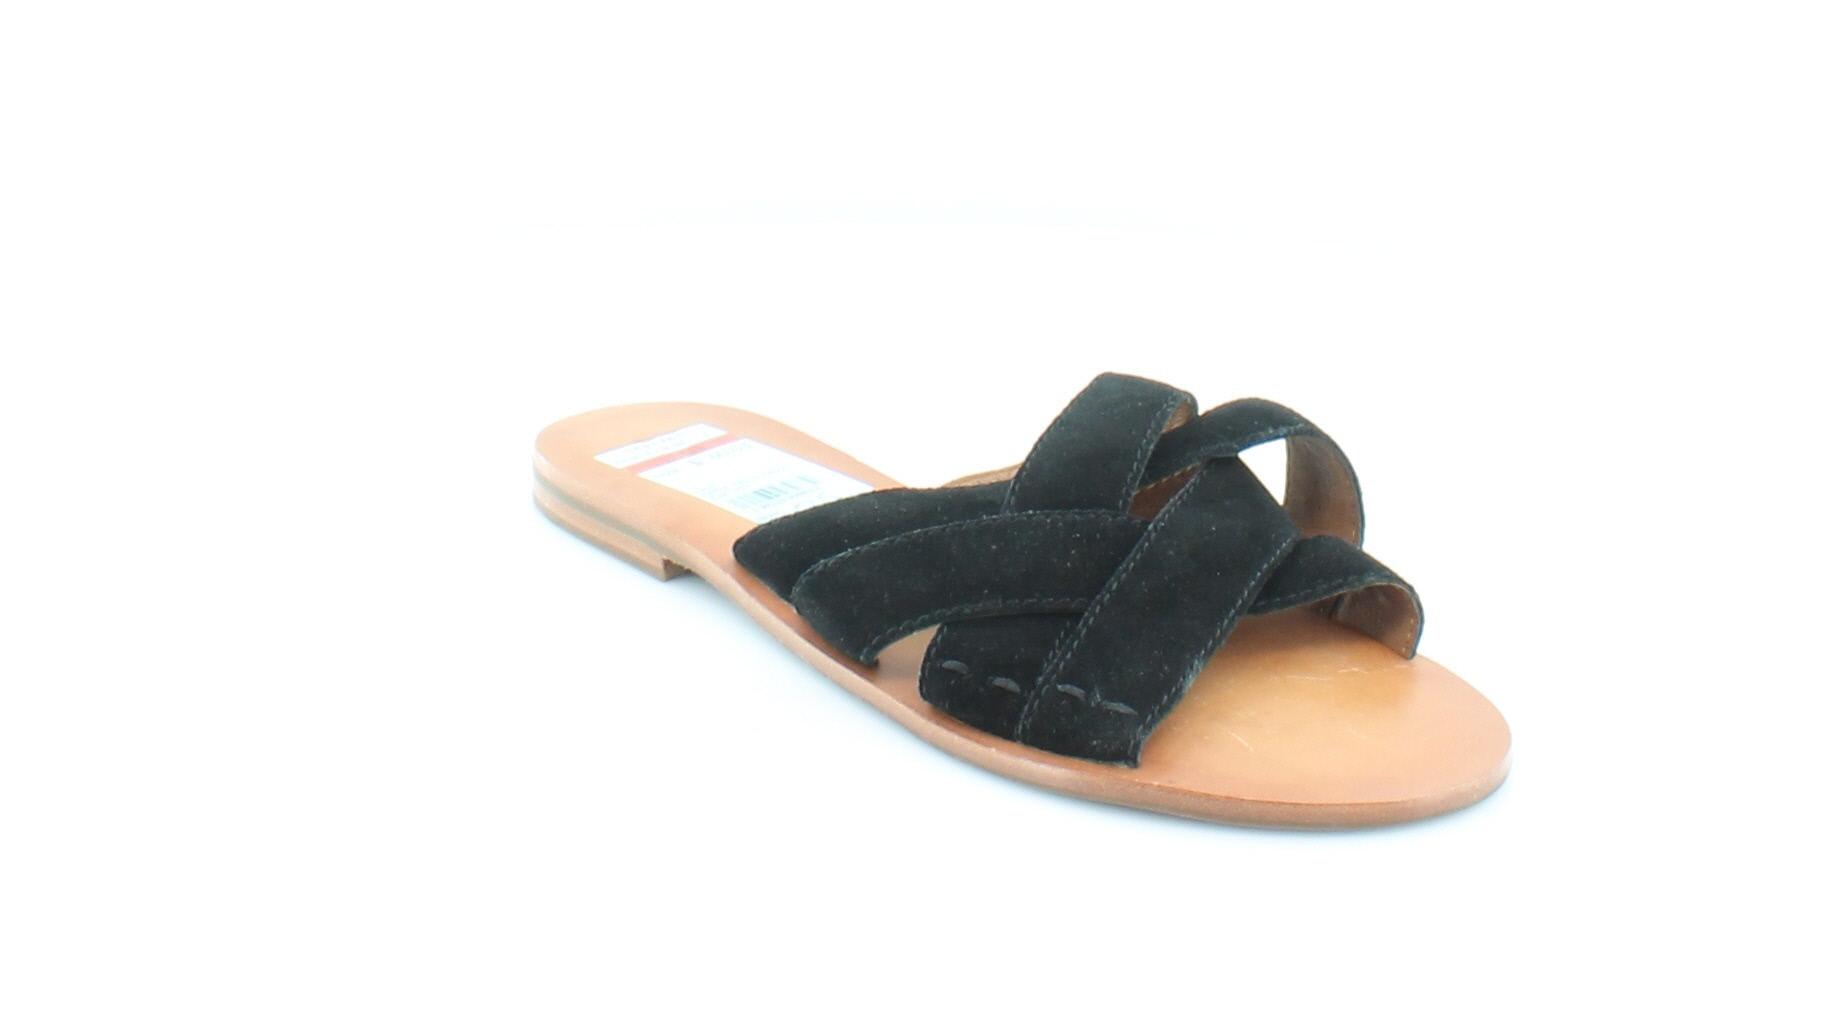 Frye Carla Women's Sandals & Flip Flops Black Size 10 M